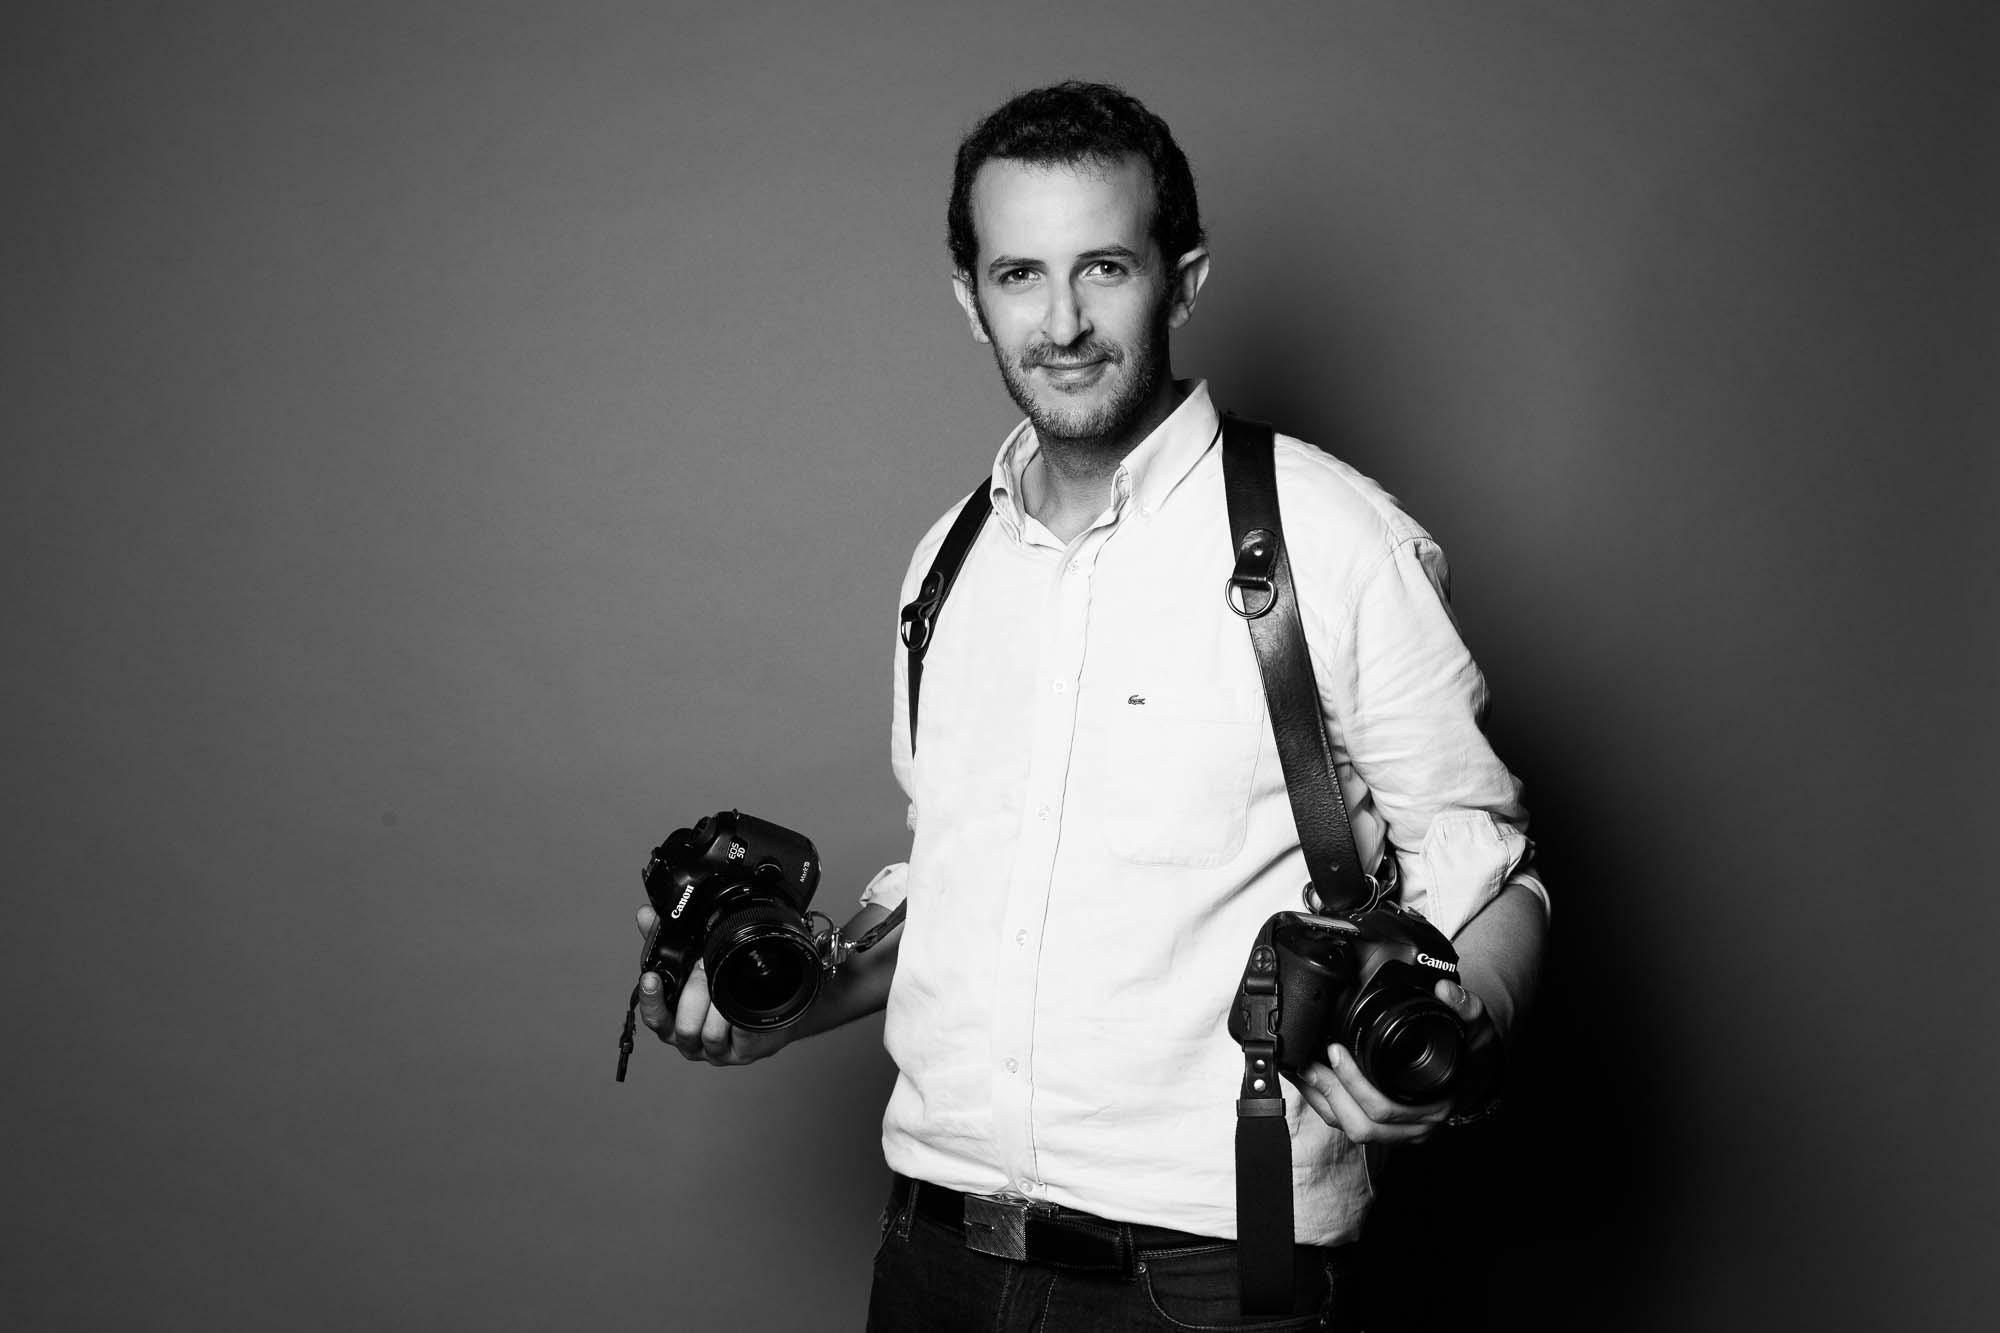 photographe professionnel paris corporate